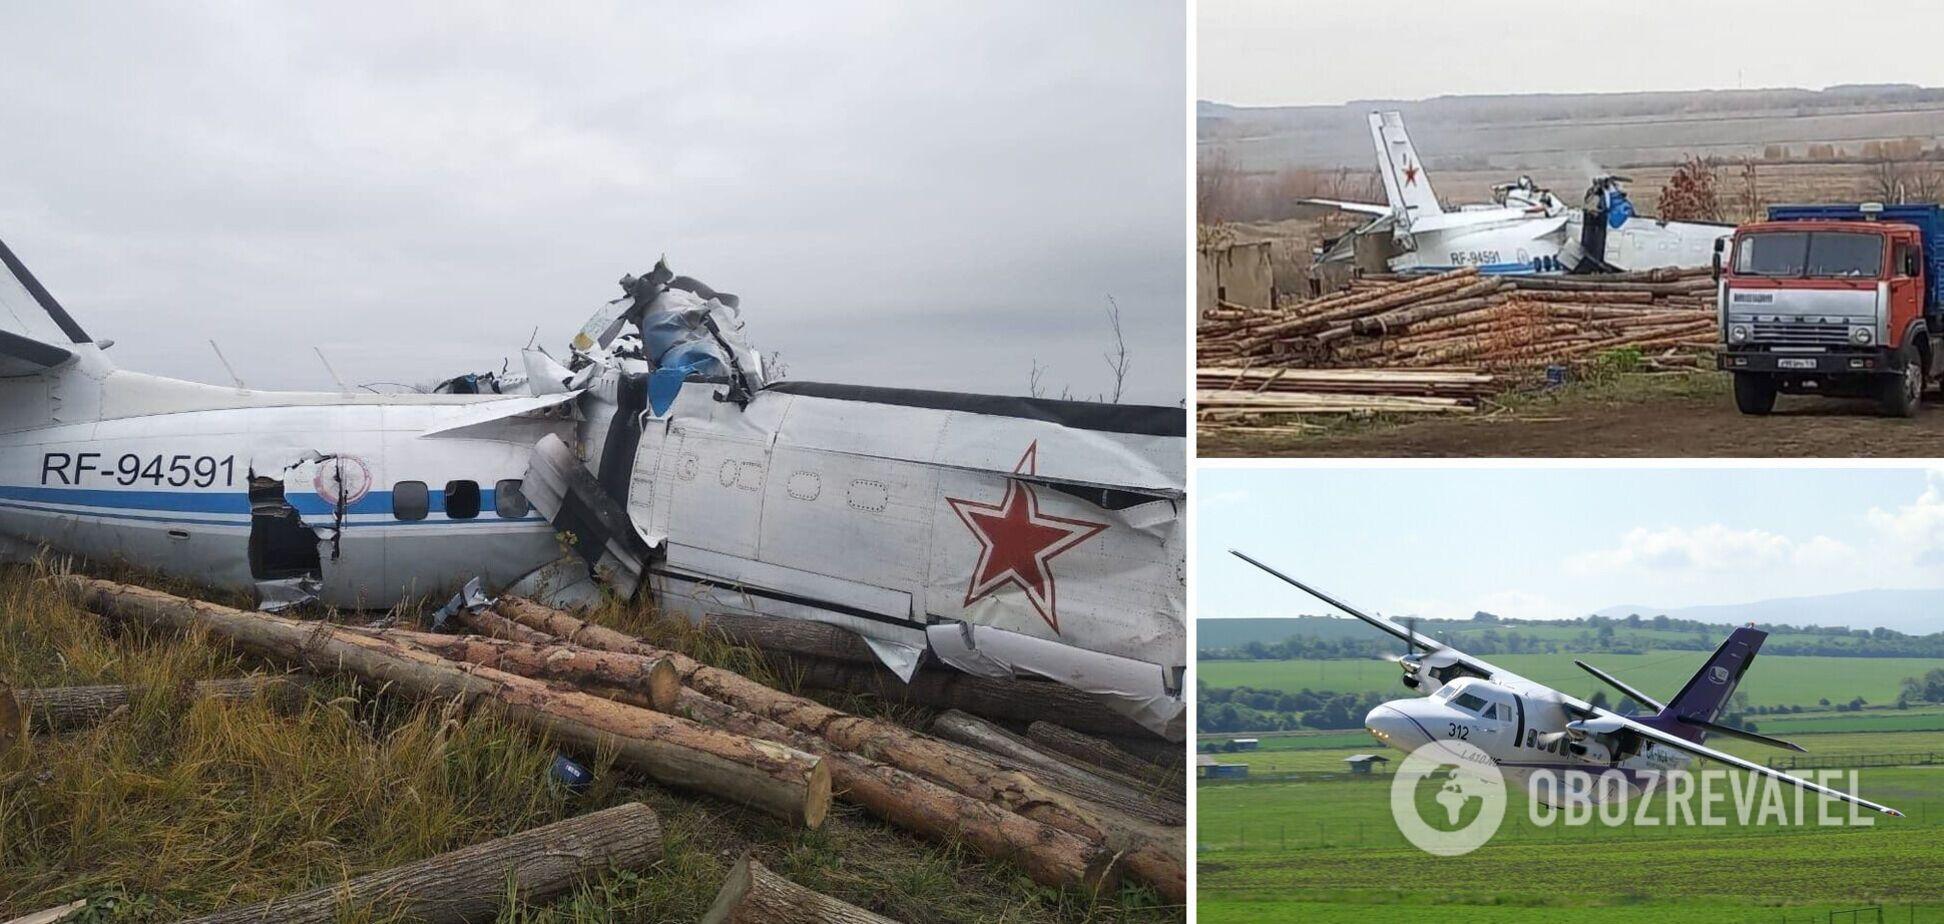 У Росії впав літак із парашутистами: багато загиблих. Фото з місця НП